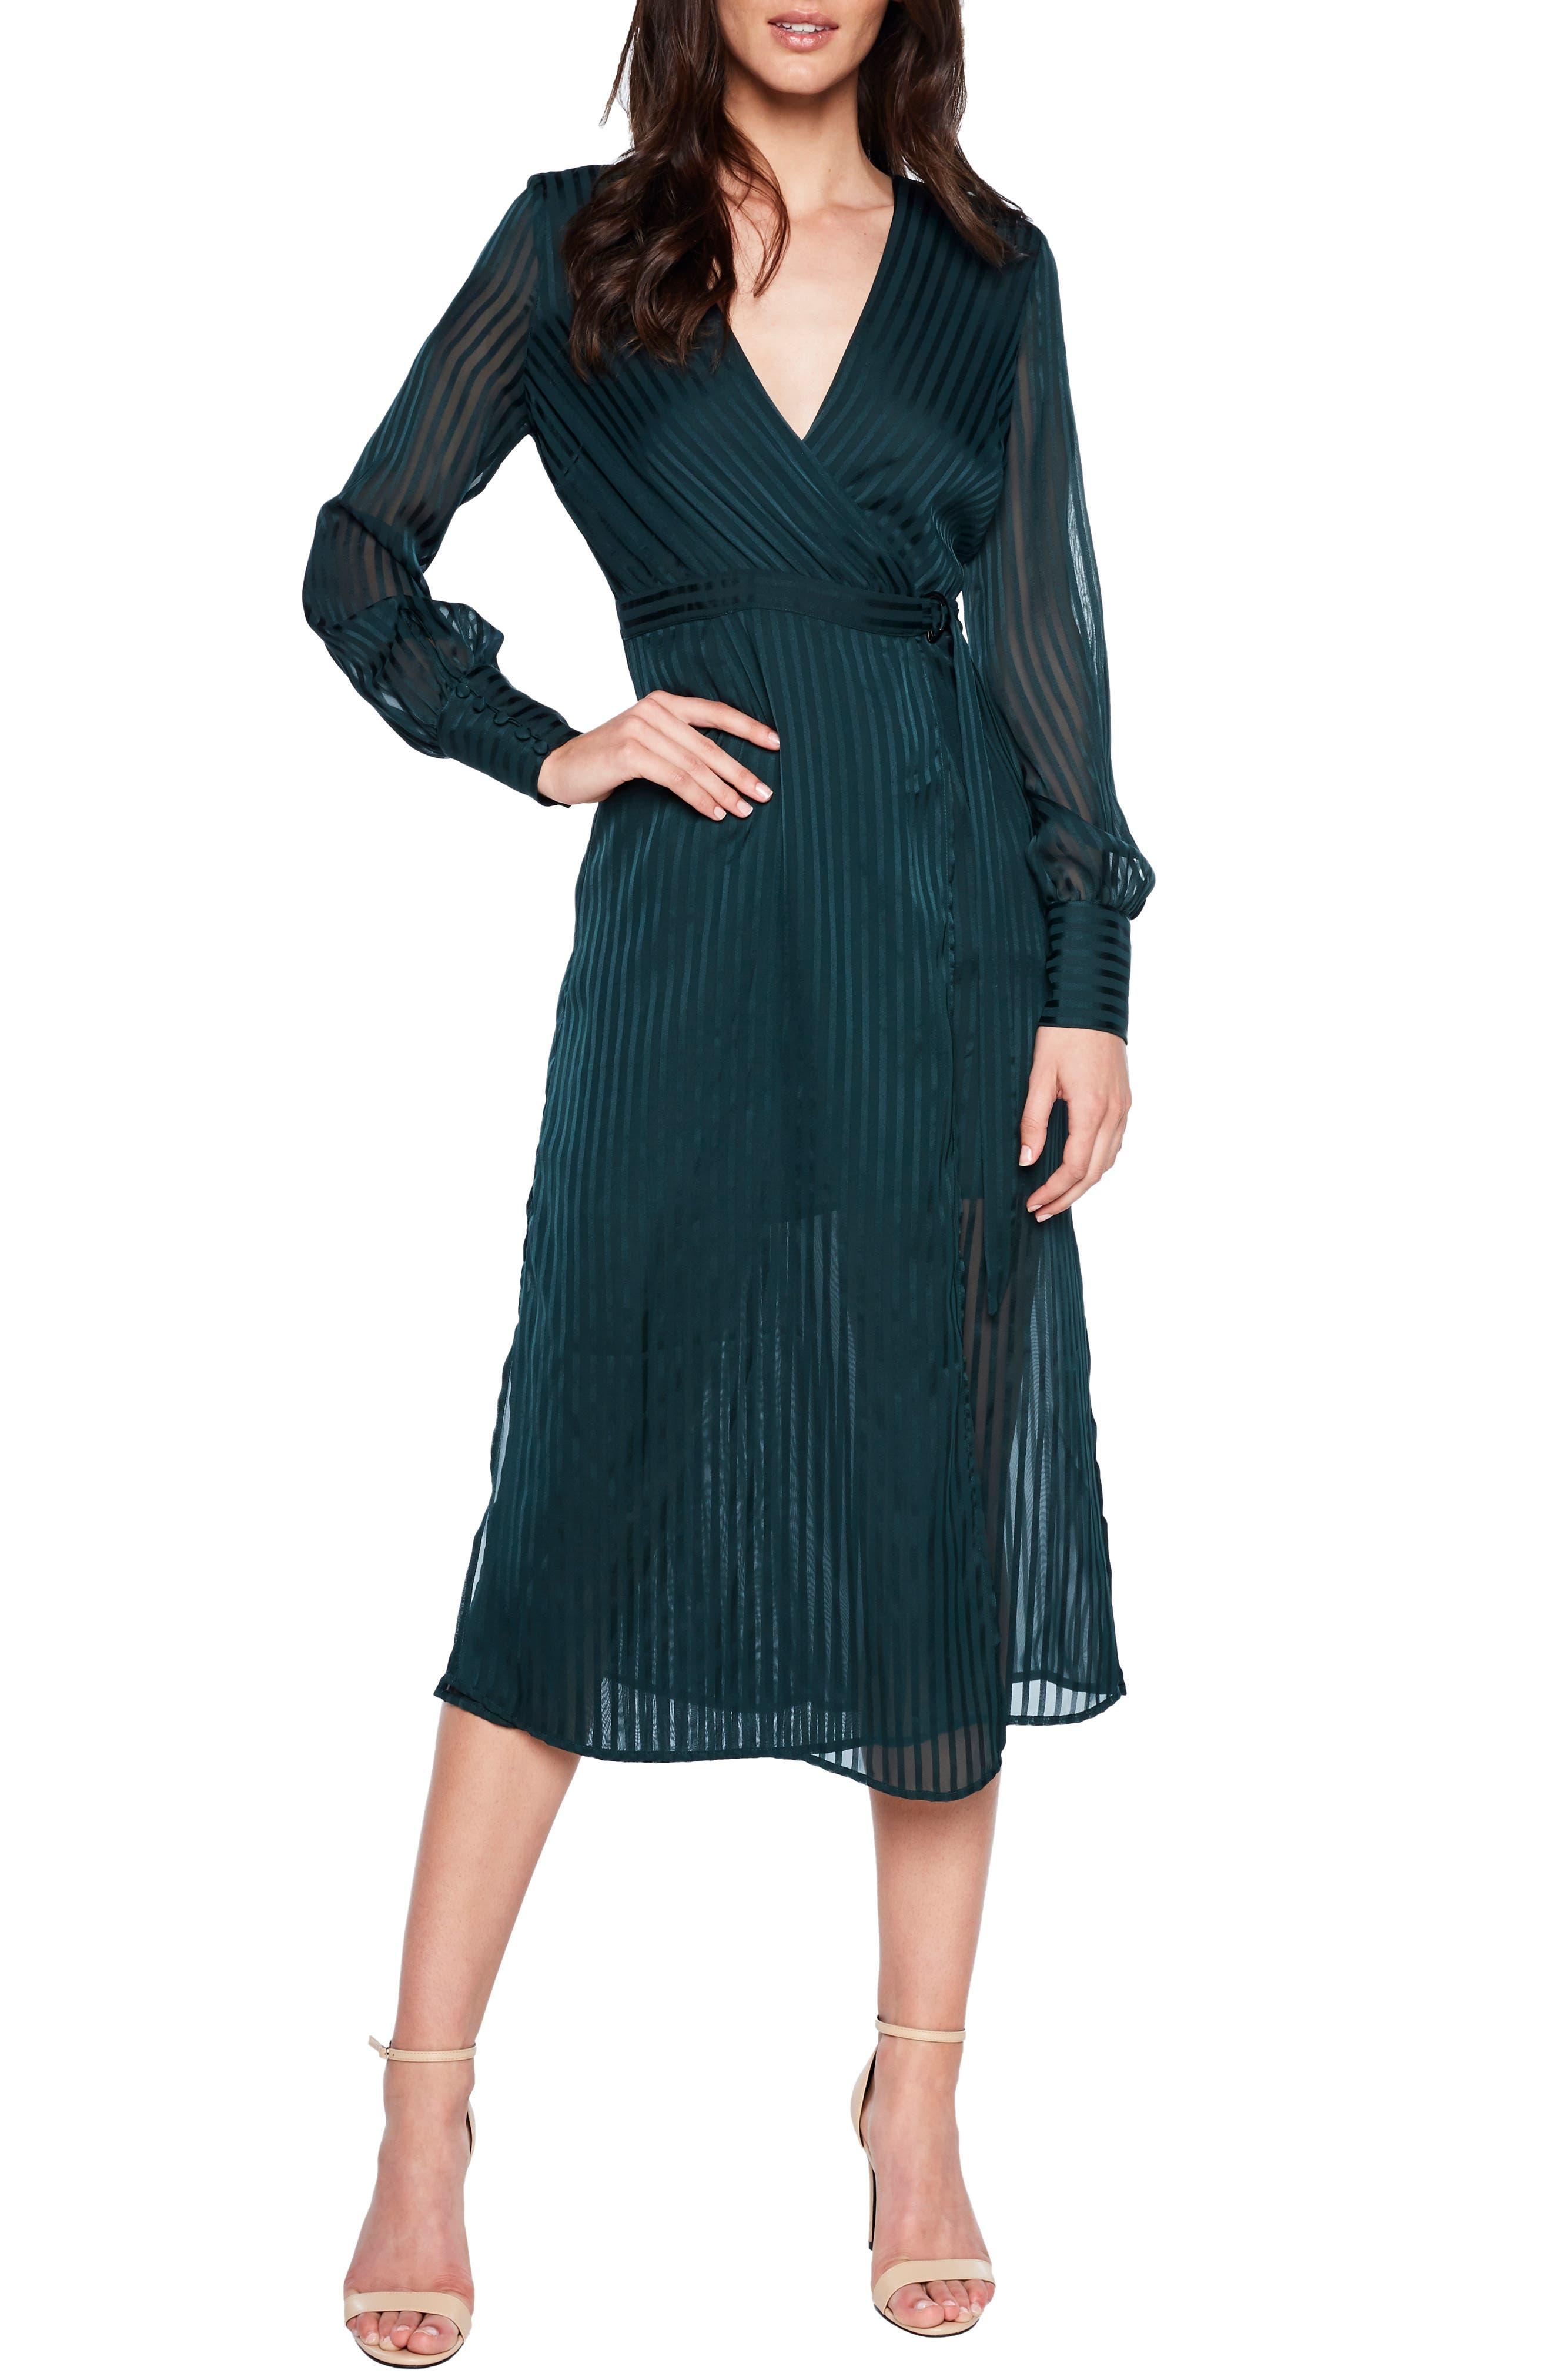 BARDOT, Shadow Stripe Faux Wrap Midi Dress, Main thumbnail 1, color, 309